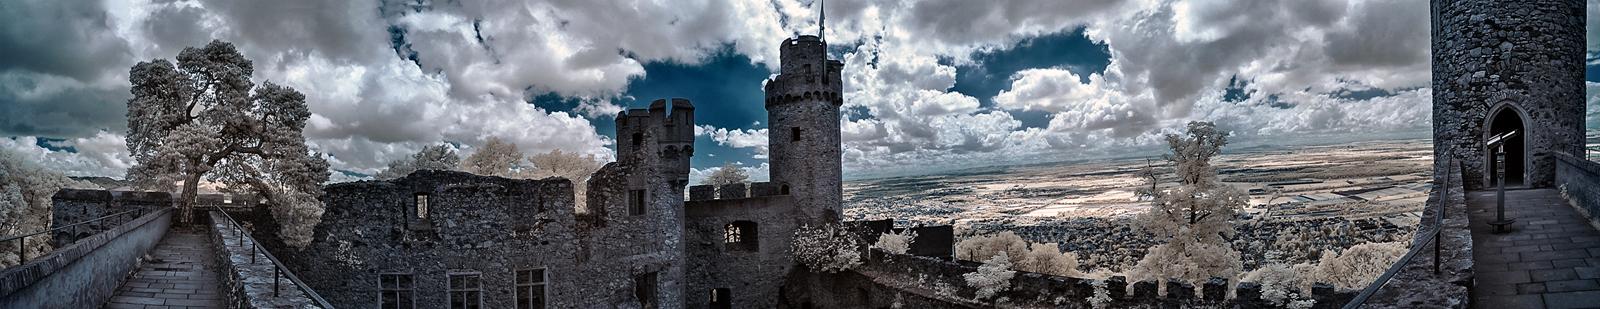 Castle IX by vw1956